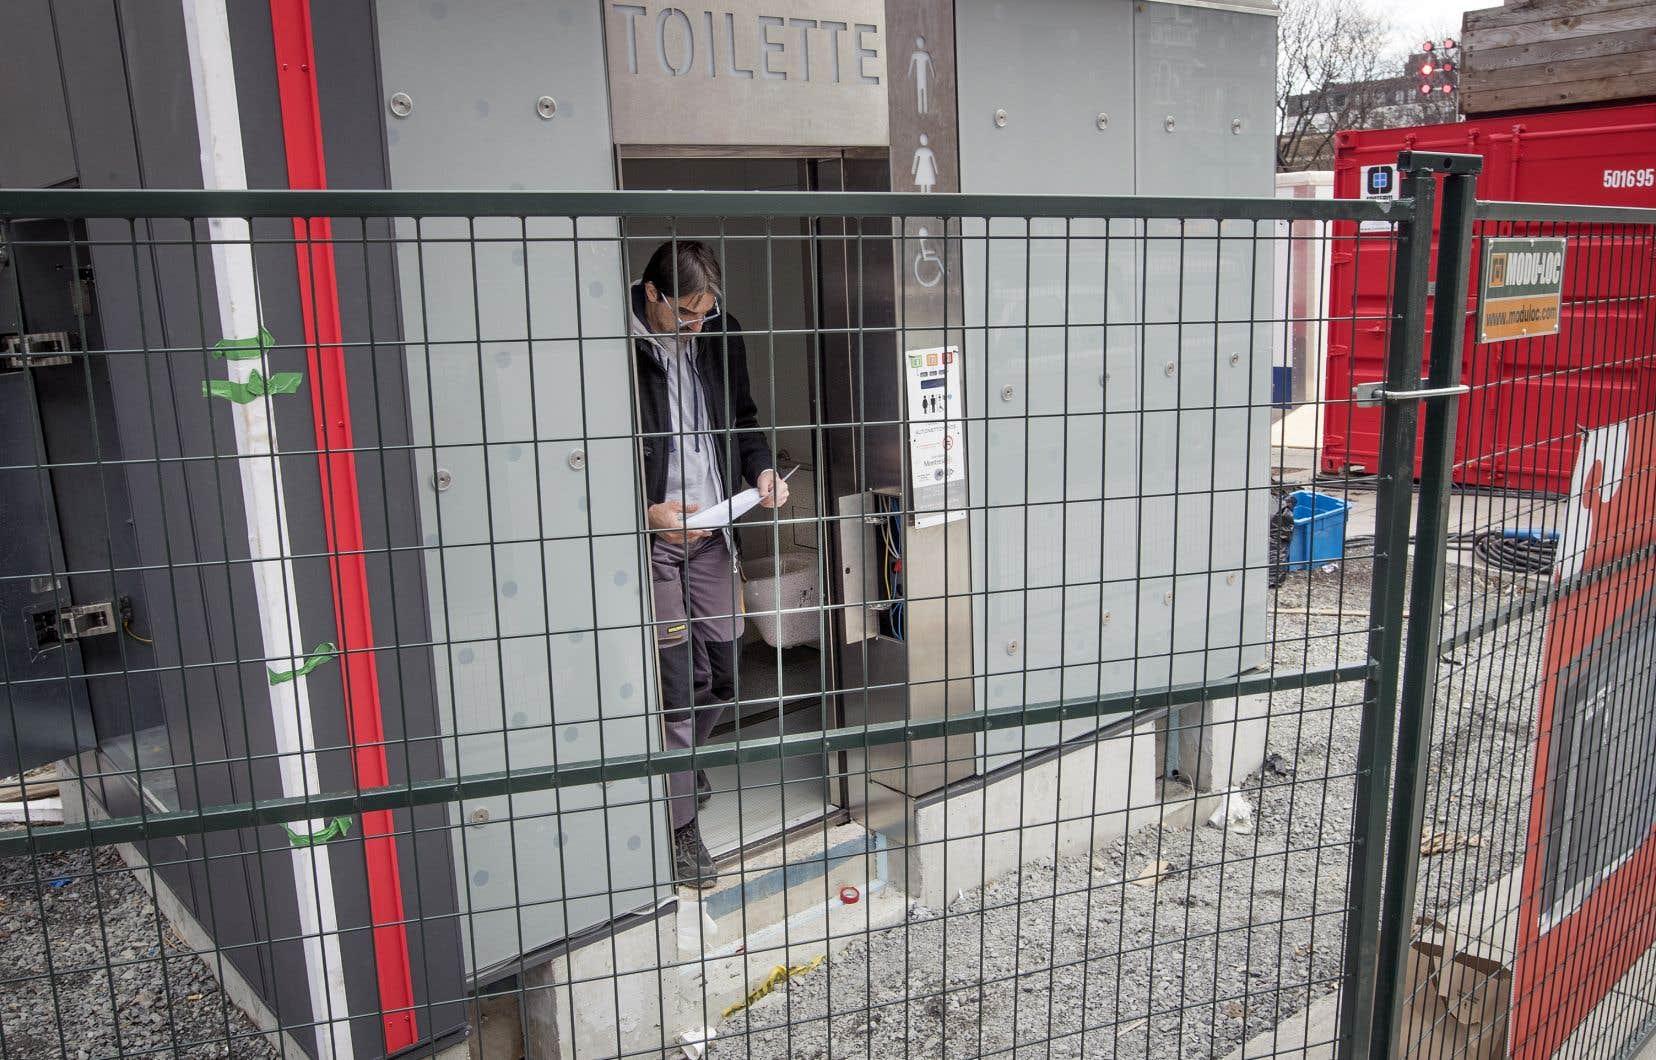 Une toilette autonettoyante en cours d'installation, sur la place Émilie-Gamelin